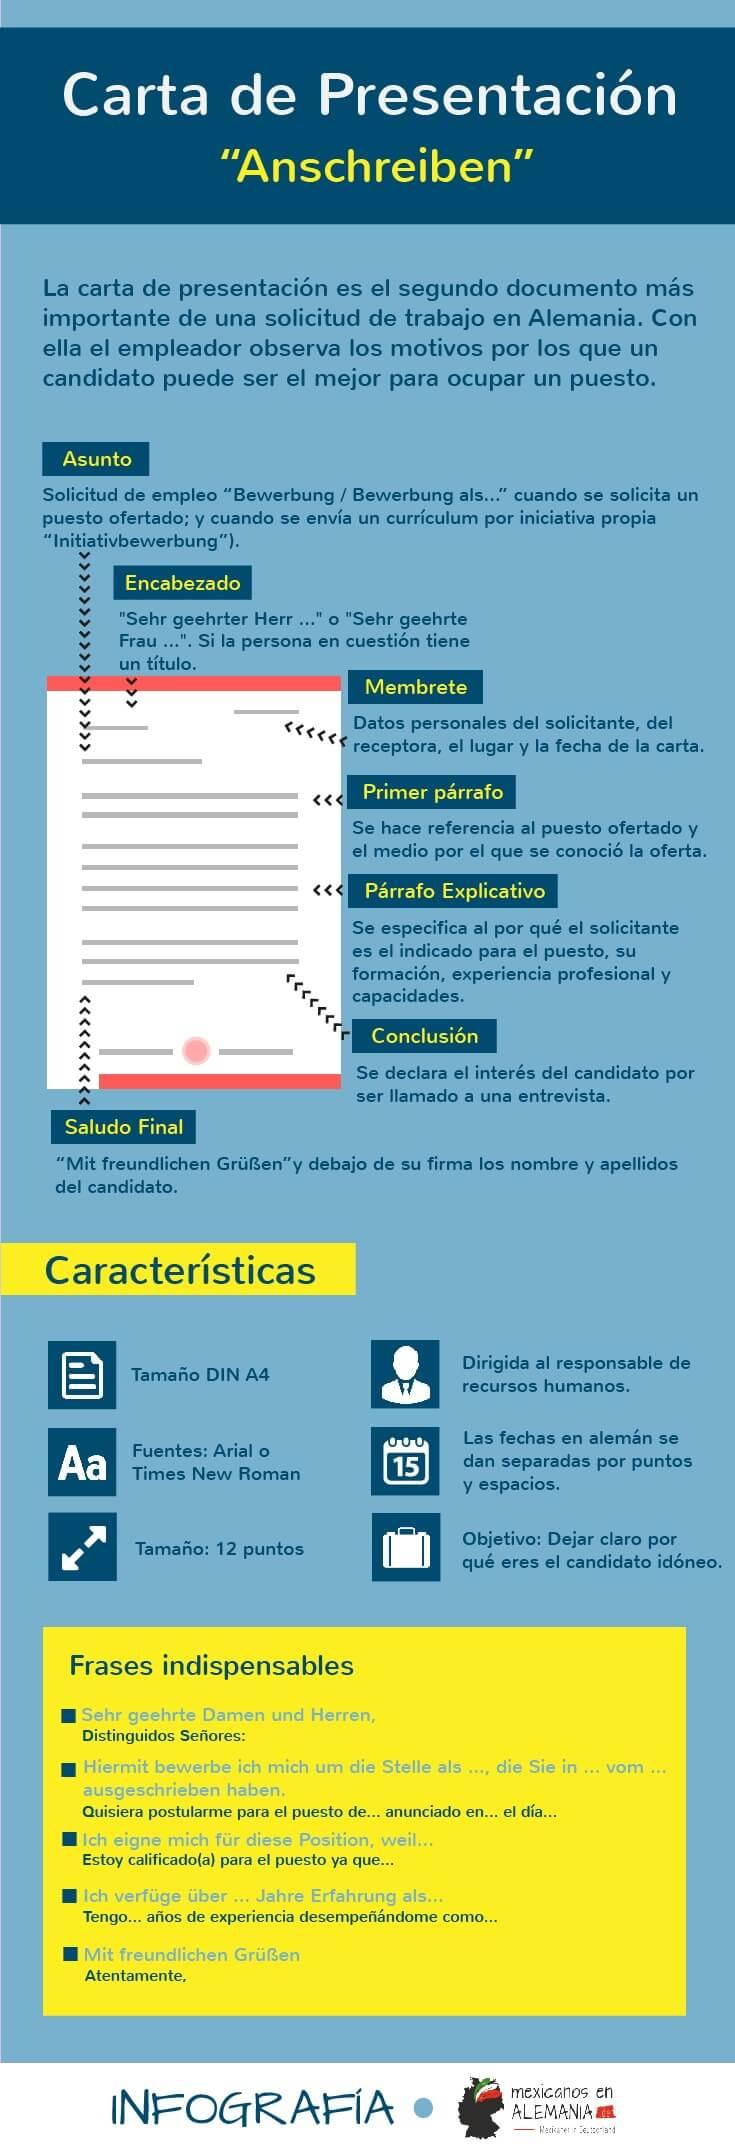 Carta de presentación para la solicitud de trabajo